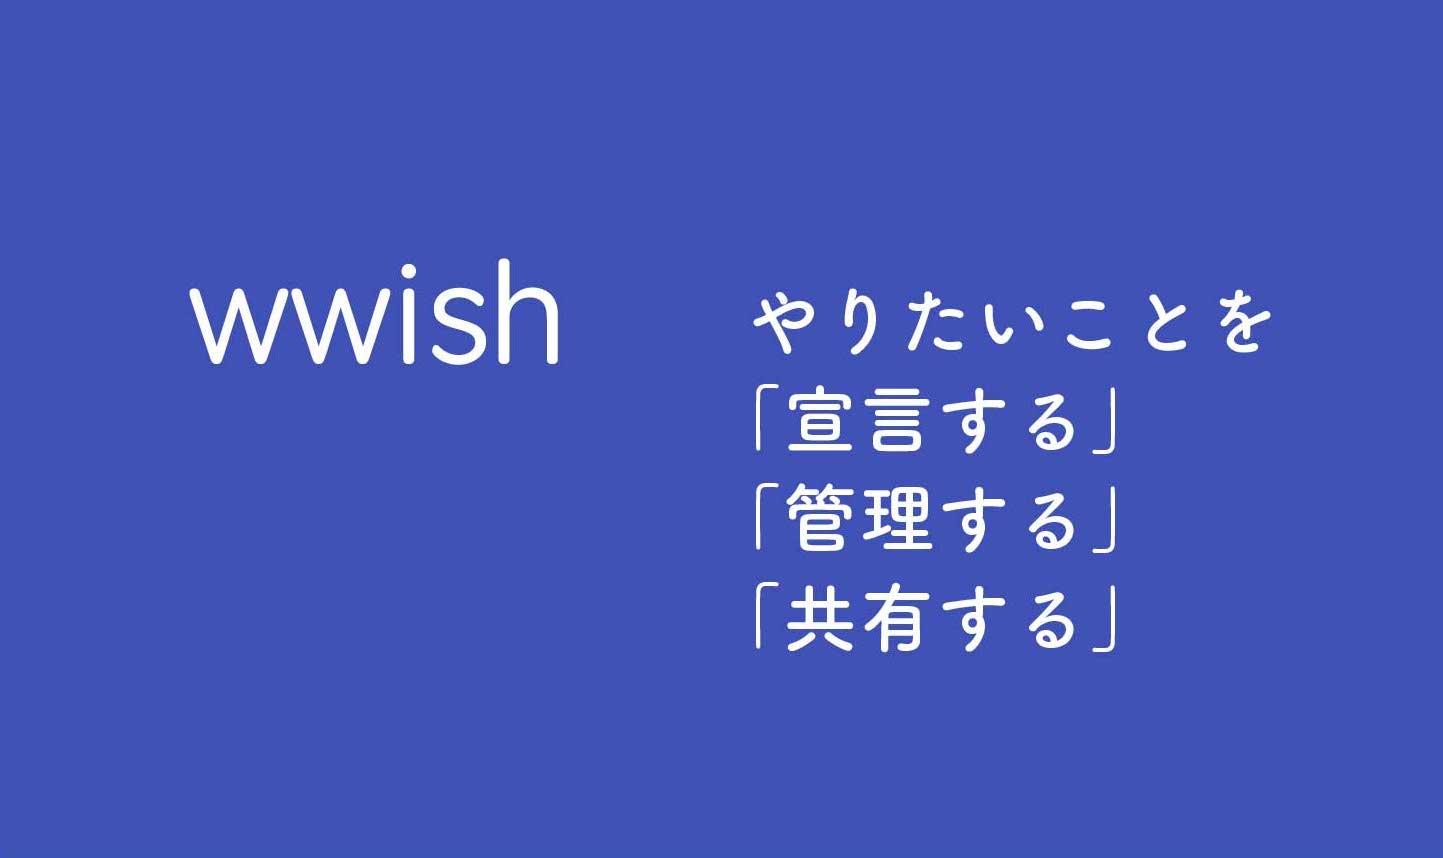 wwish